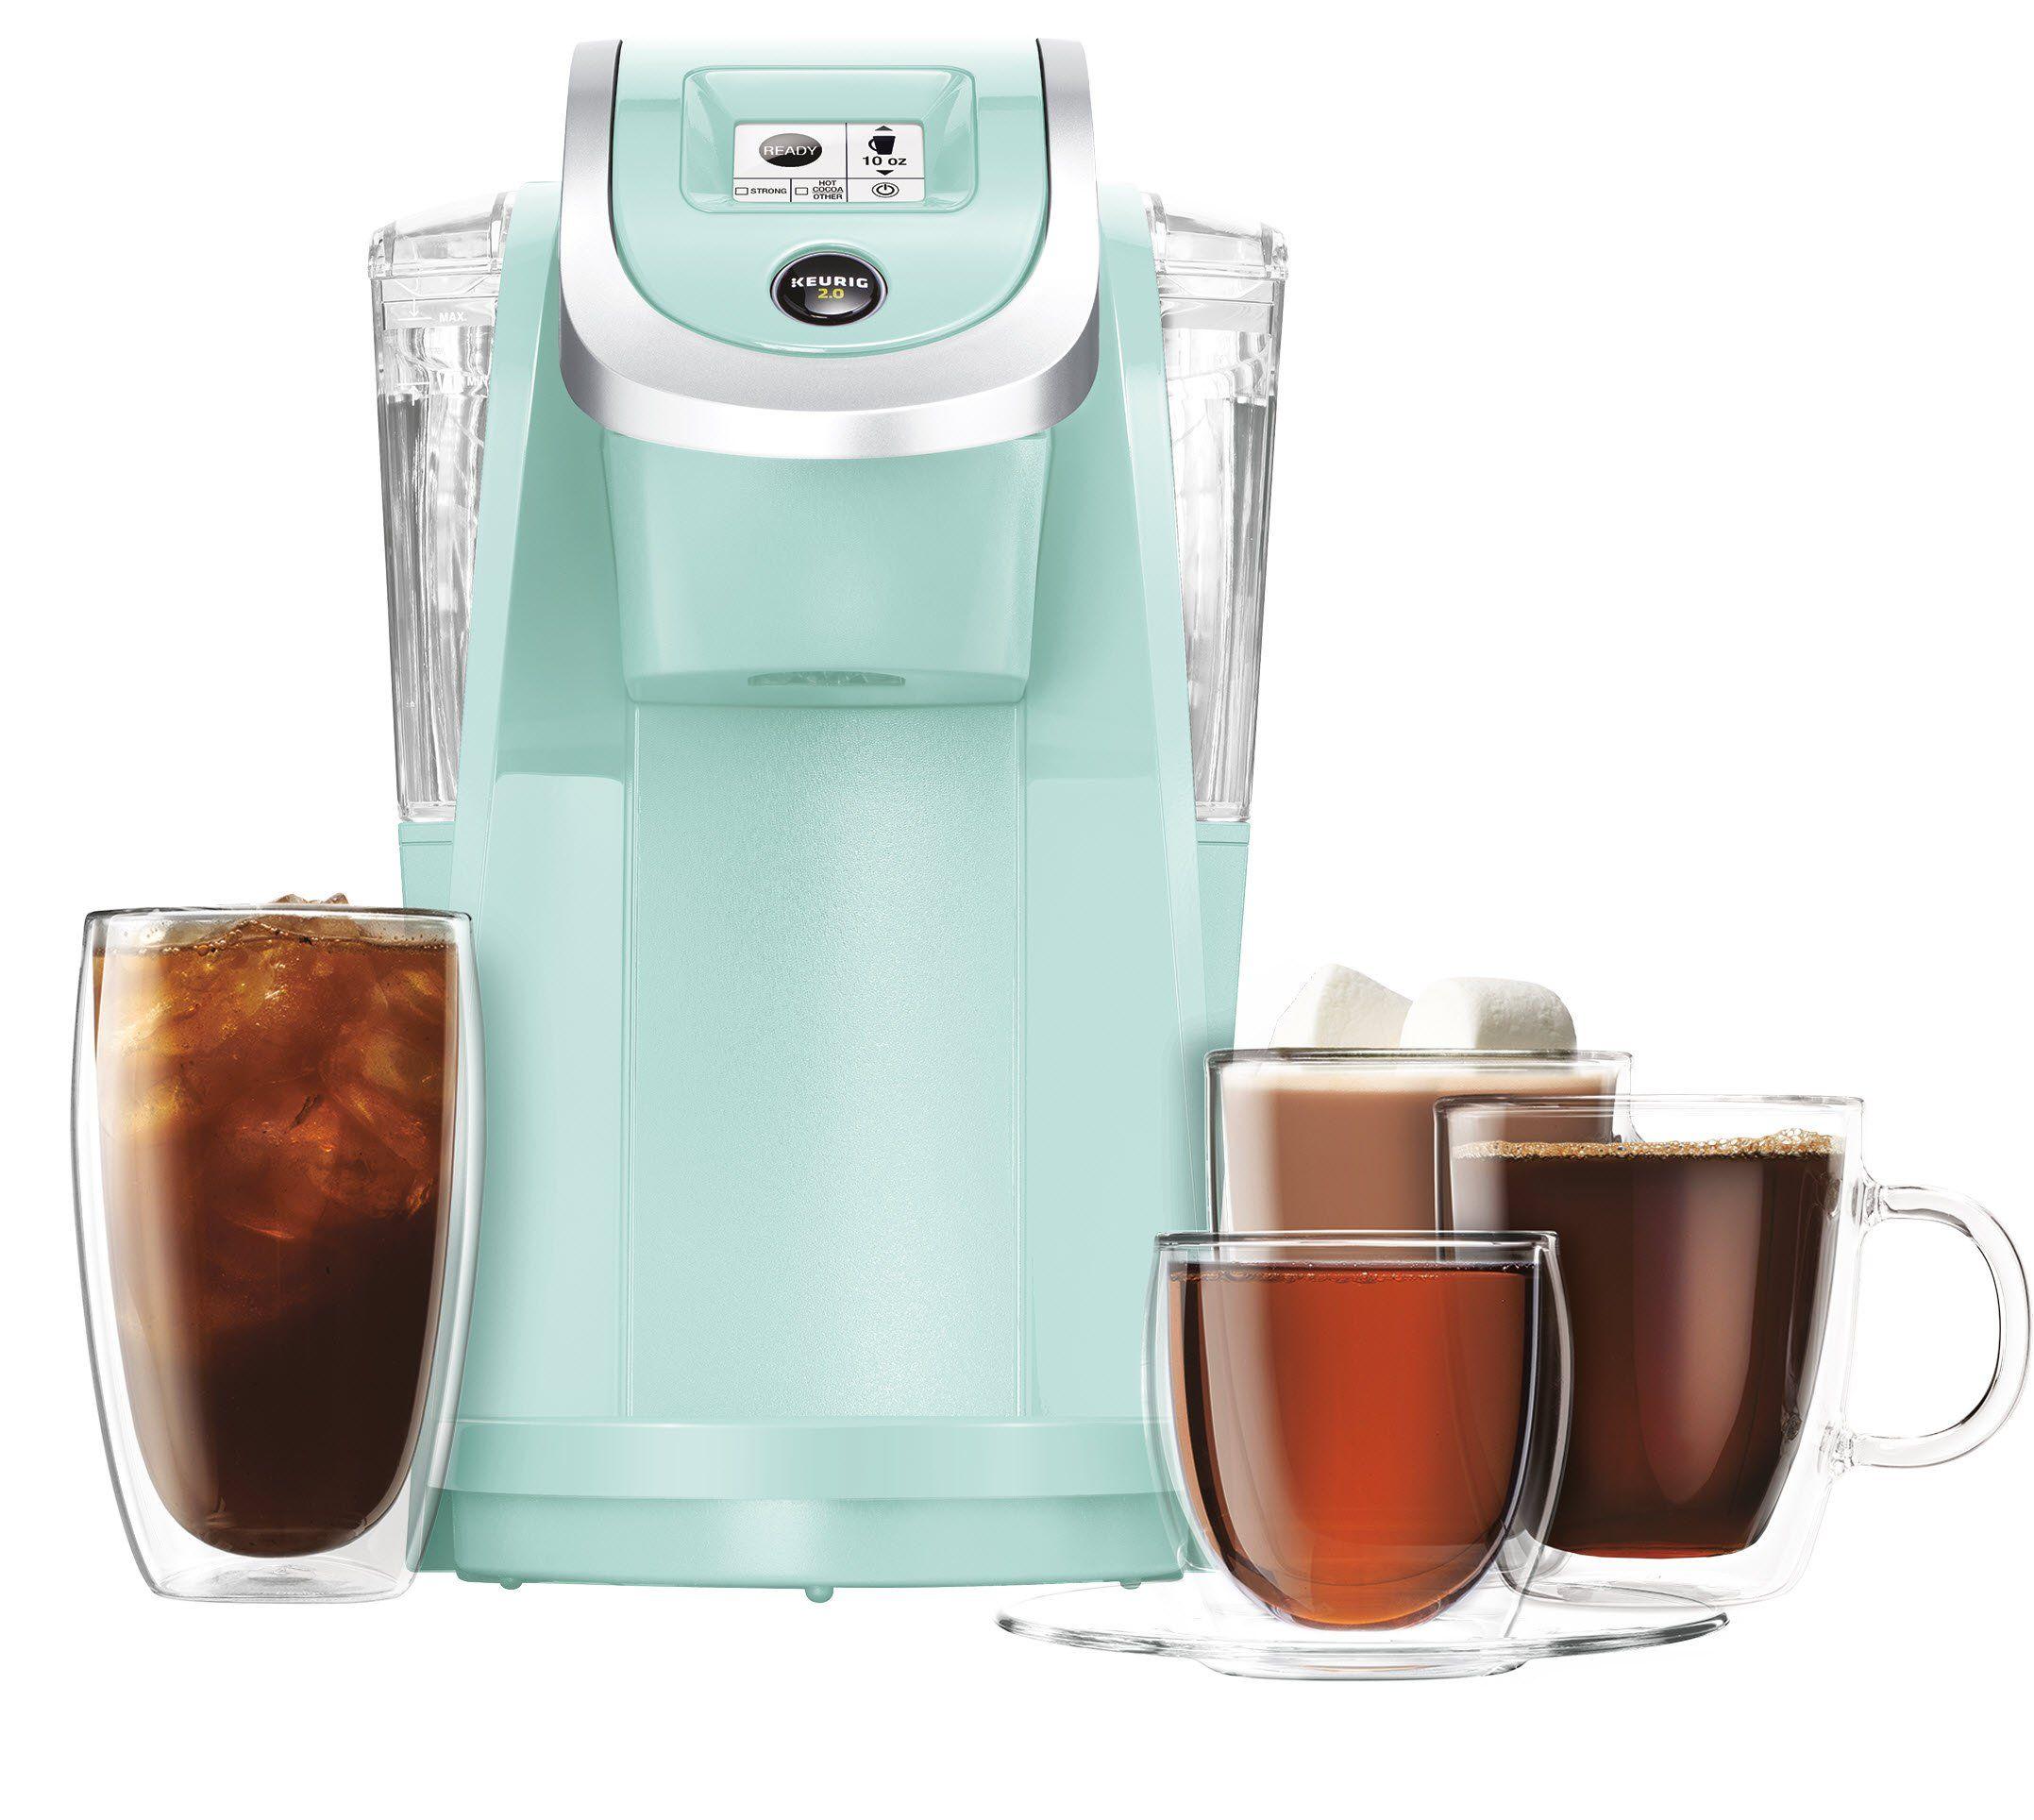 Keurig K250 SingleServe Programmable Coffee Maker Oasis